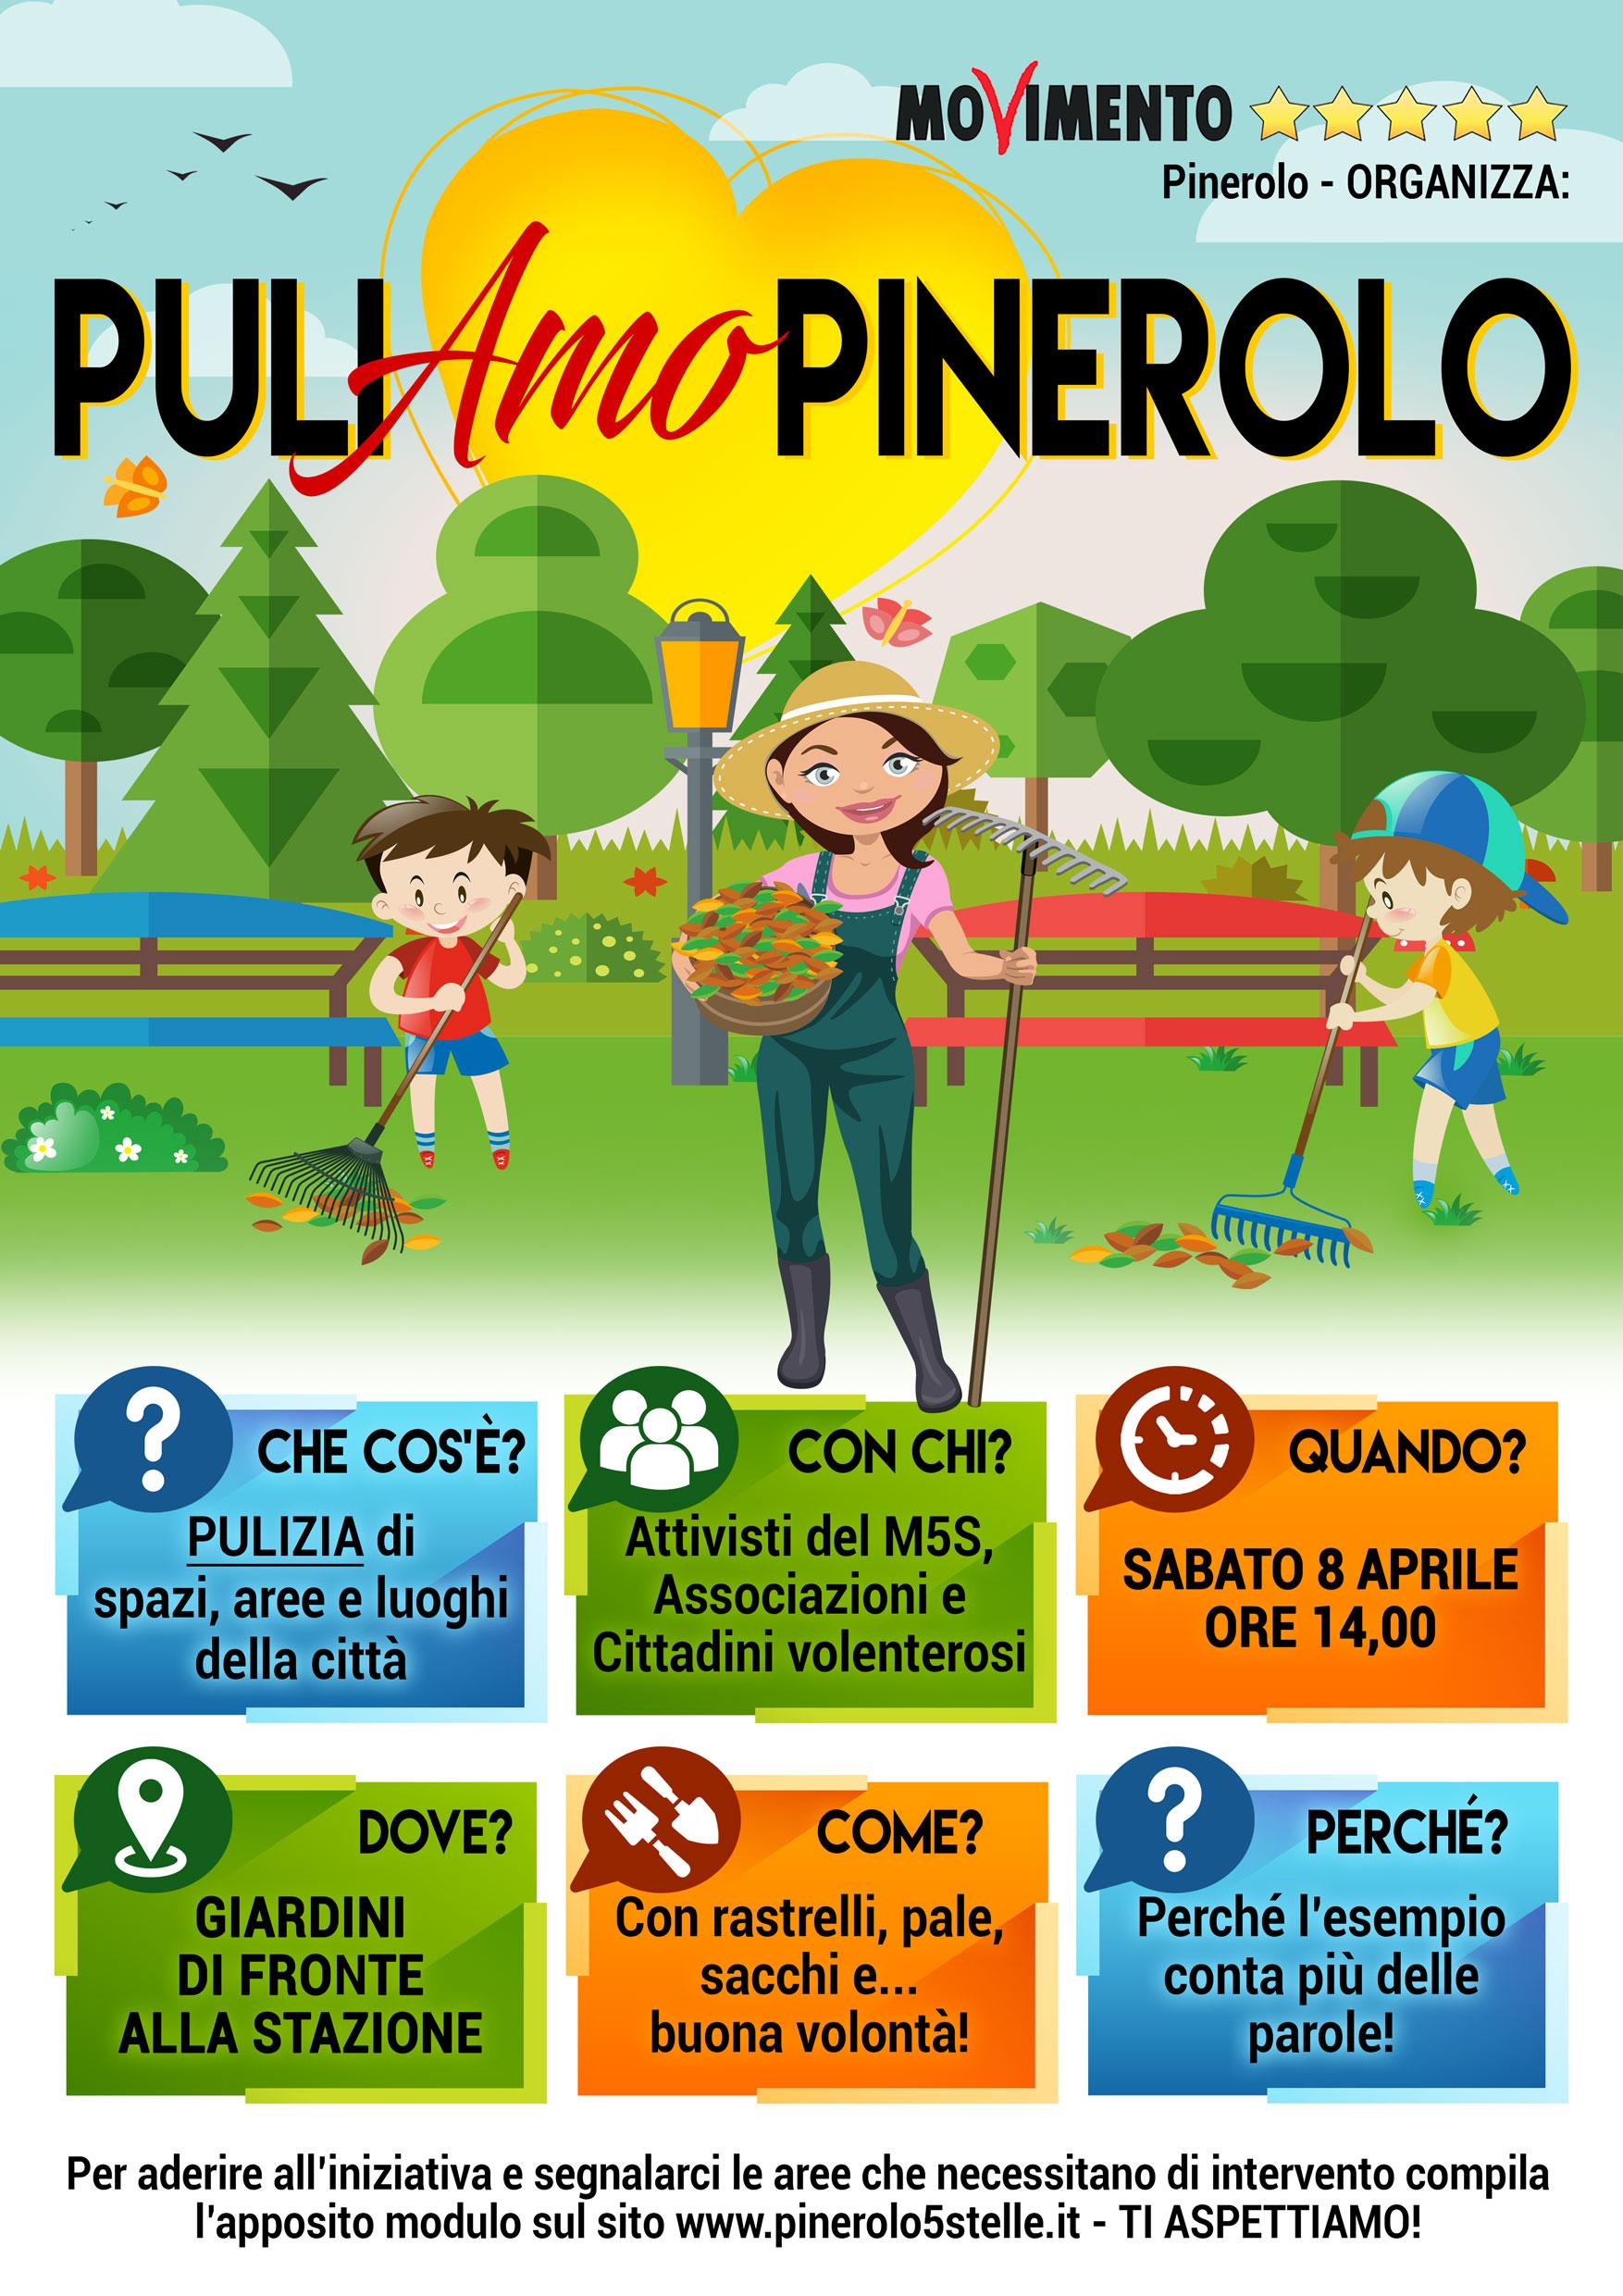 PuliAmo-Pinerolo-2017-Aprile-8-stazione